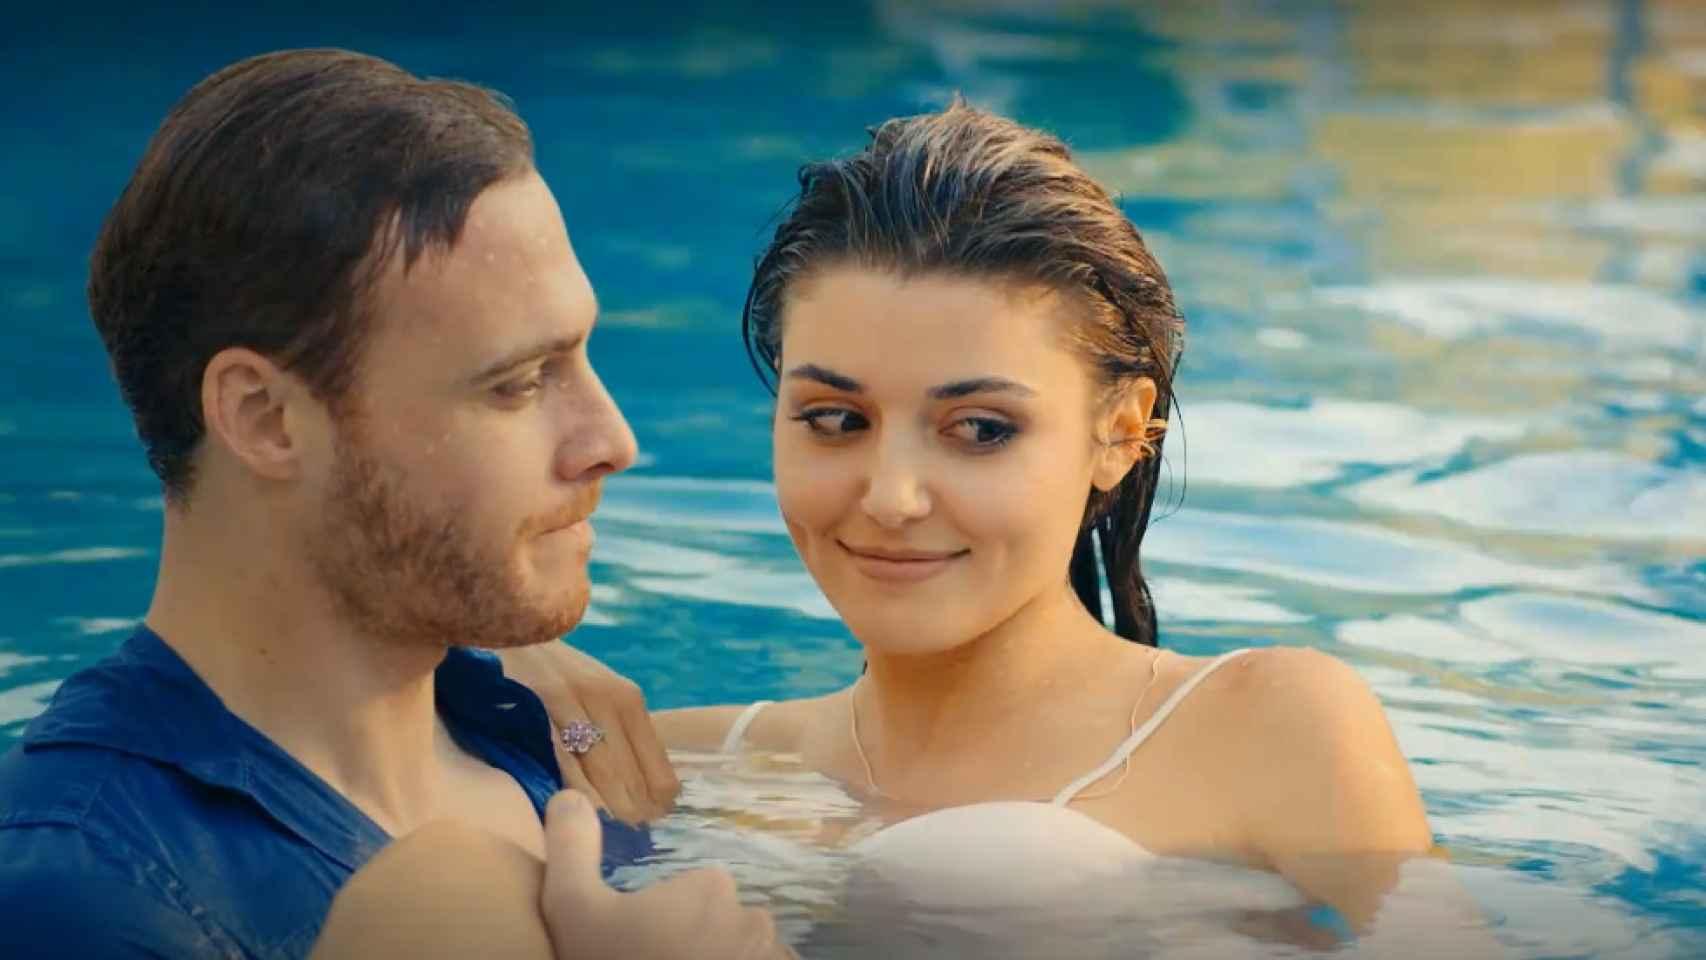 Selin encuentra el contrato de Serkan y Eda, en el capítulo 13 de 'Love is in the air'